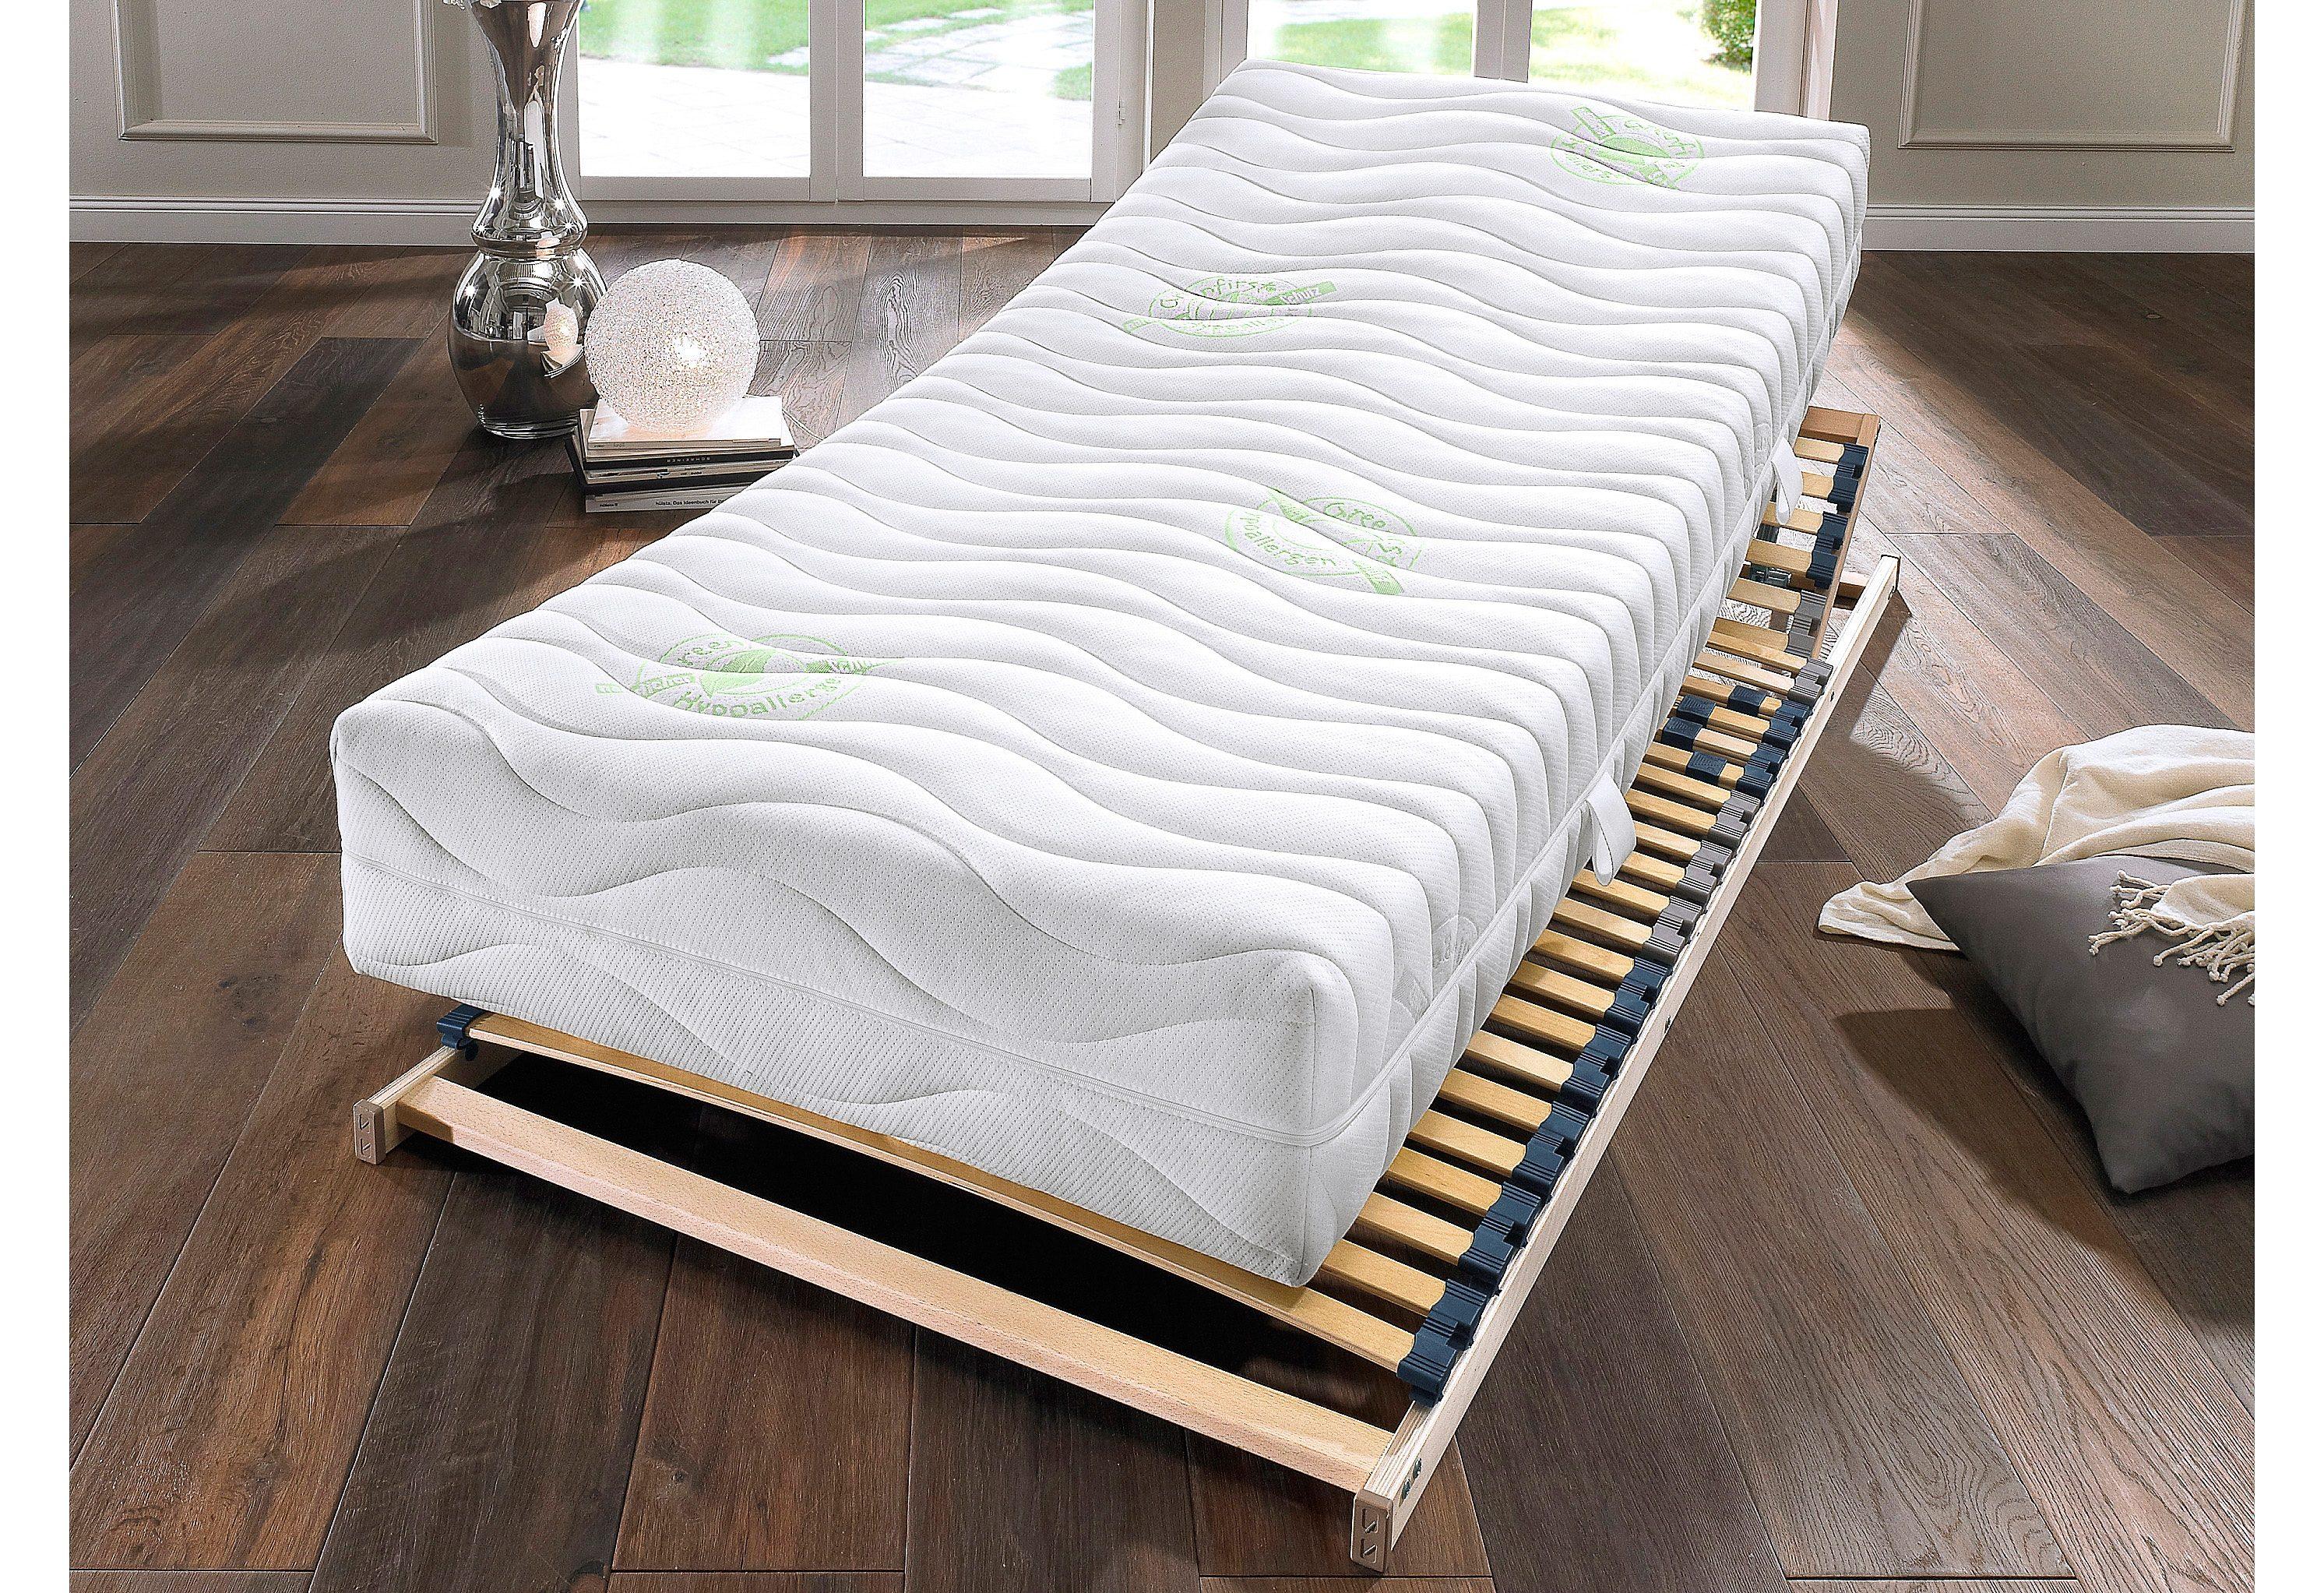 Komfortschaummatratze »Green HF«, Hn8 Schlafsysteme, 20 cm hoch günstig online kaufen